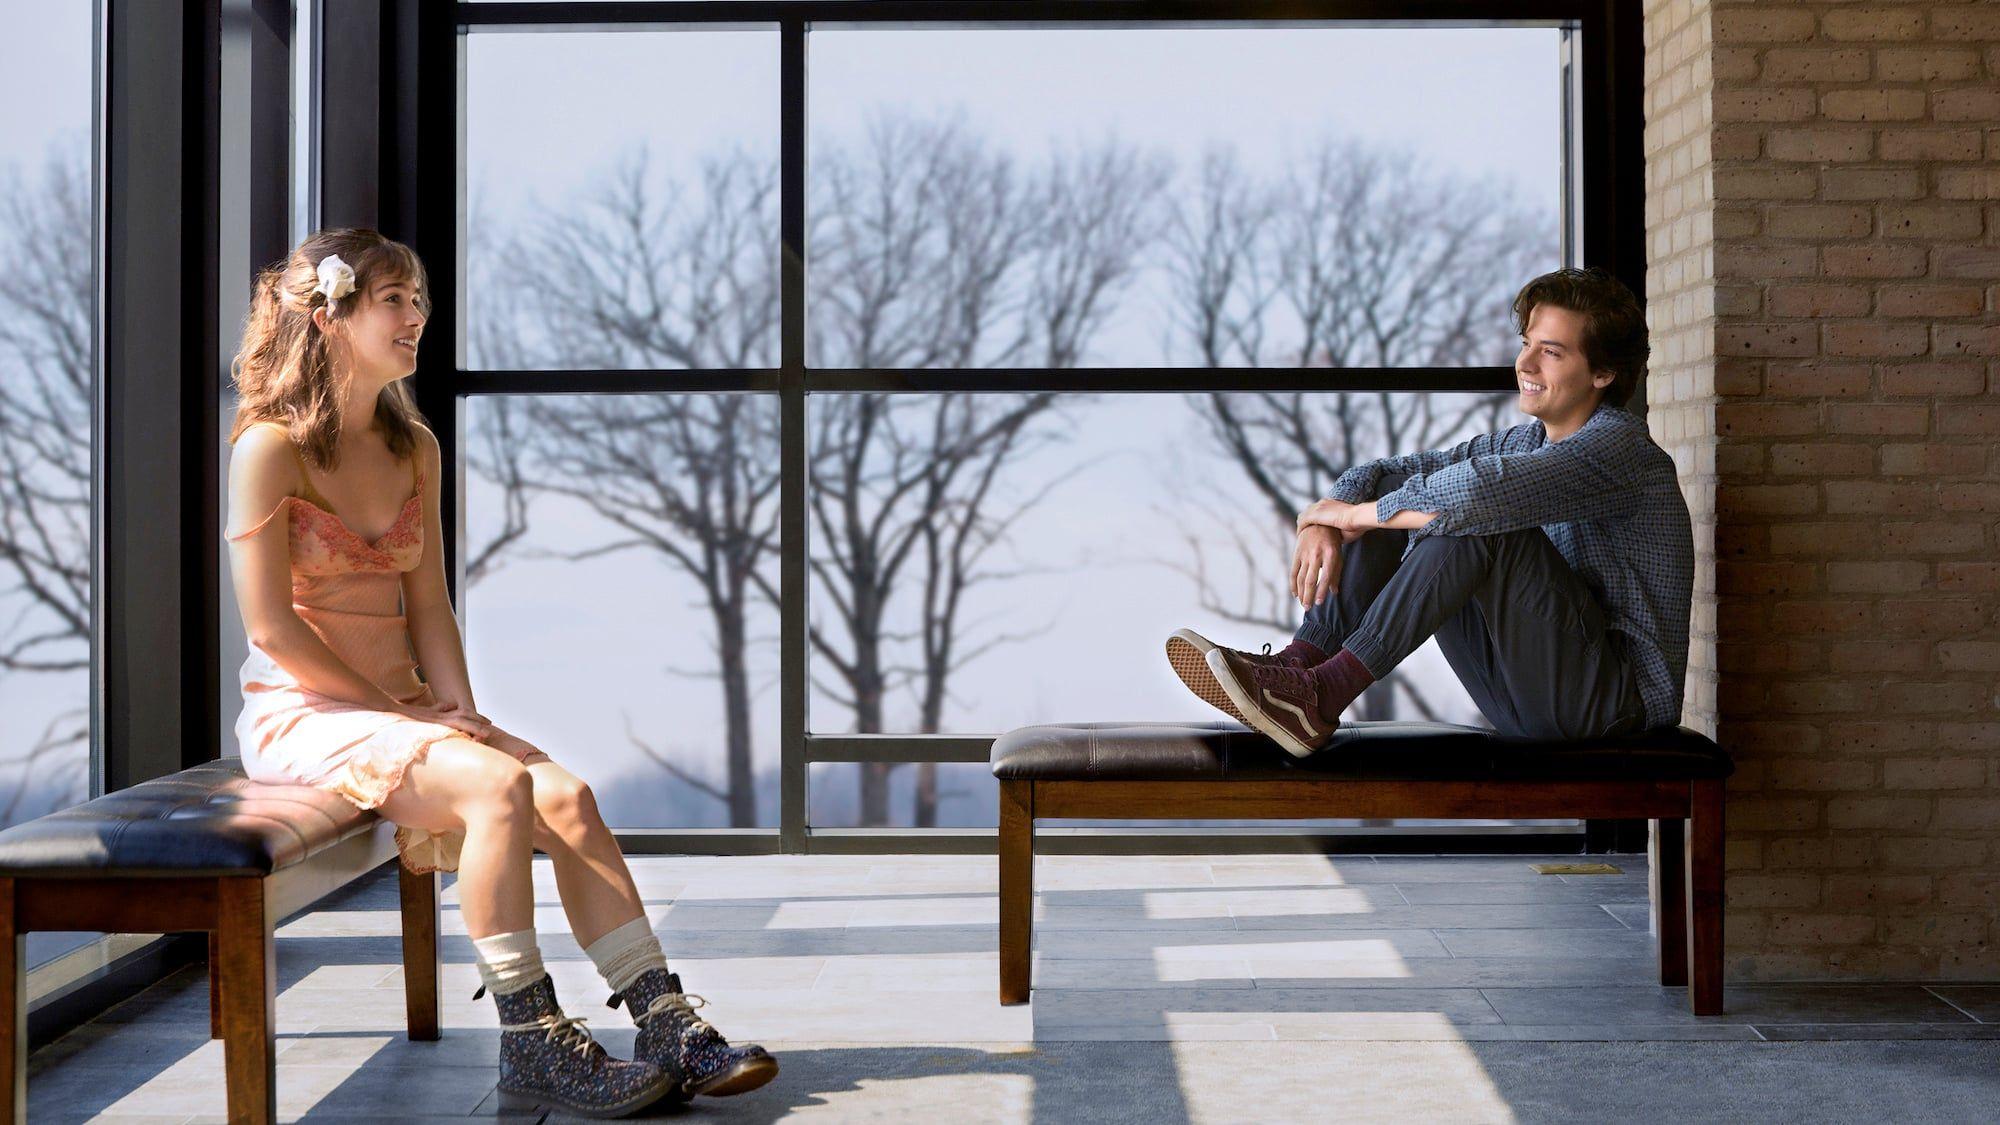 A Cinco Passos De Você Romance Adolescente Com Cole Sprouse Ganha Pôster Nacional Filmes Românticos Filmes De Amor Filmes